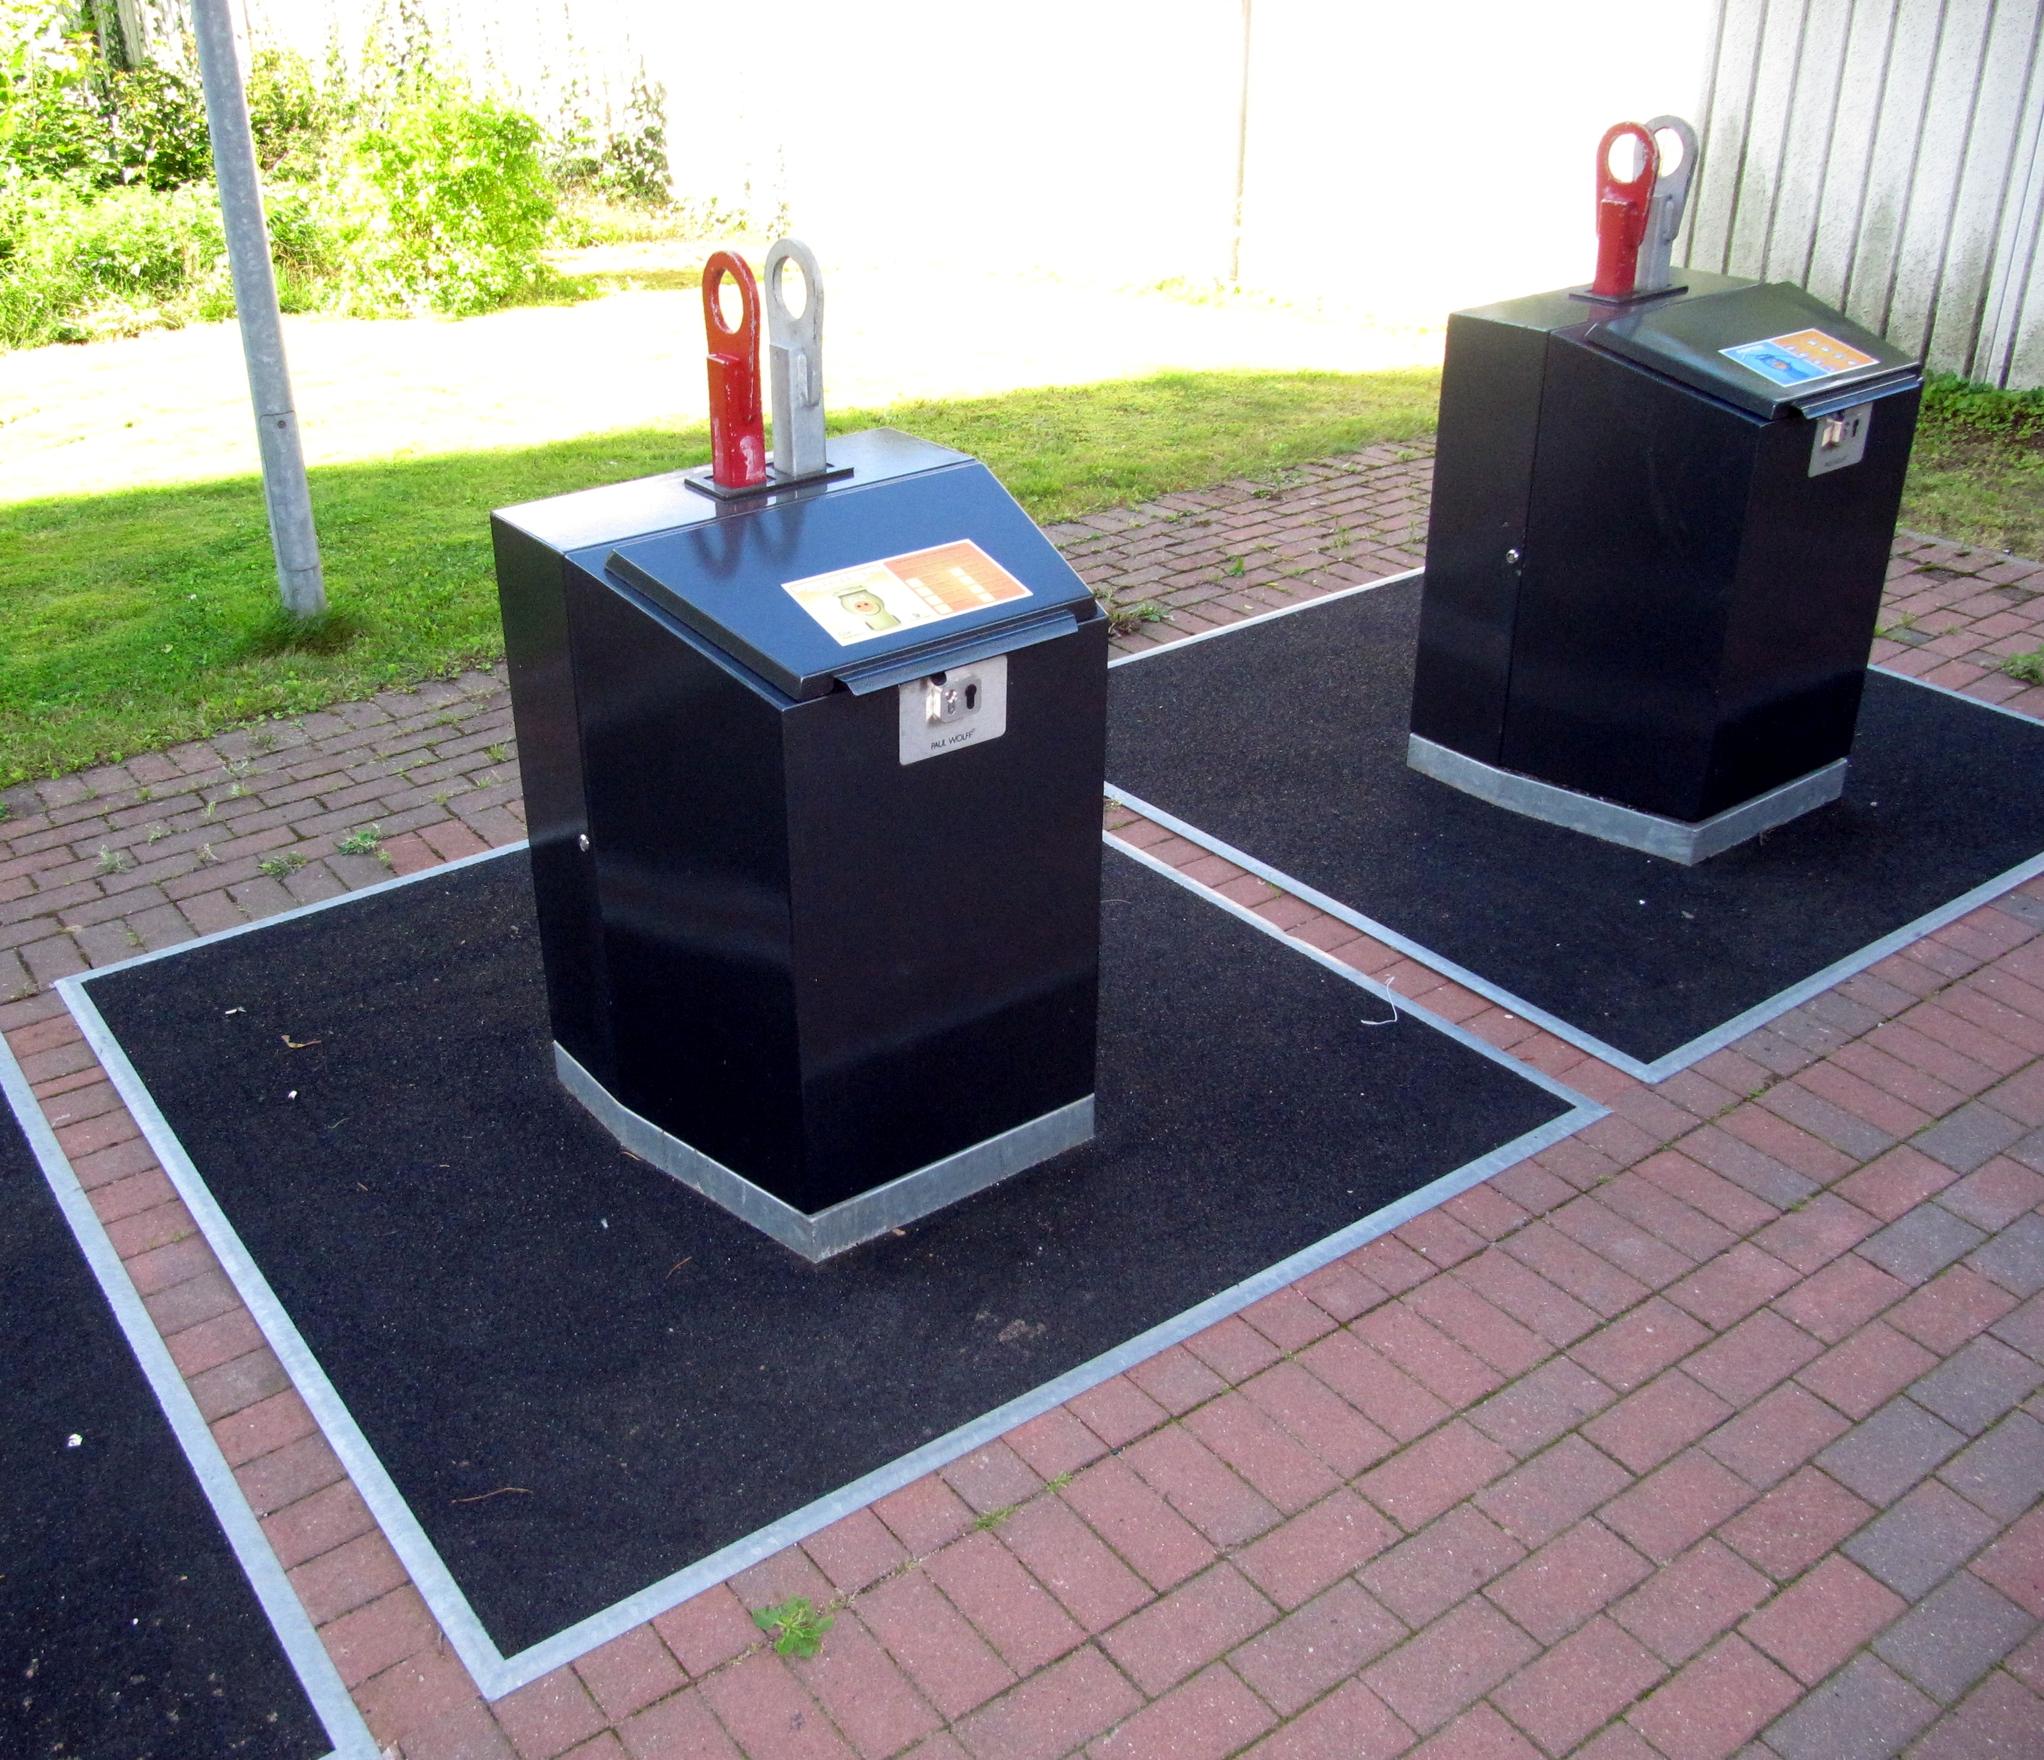 Full Size of Müllsystem Unterflurbehlter Wikipedia Küche Wohnzimmer Müllsystem